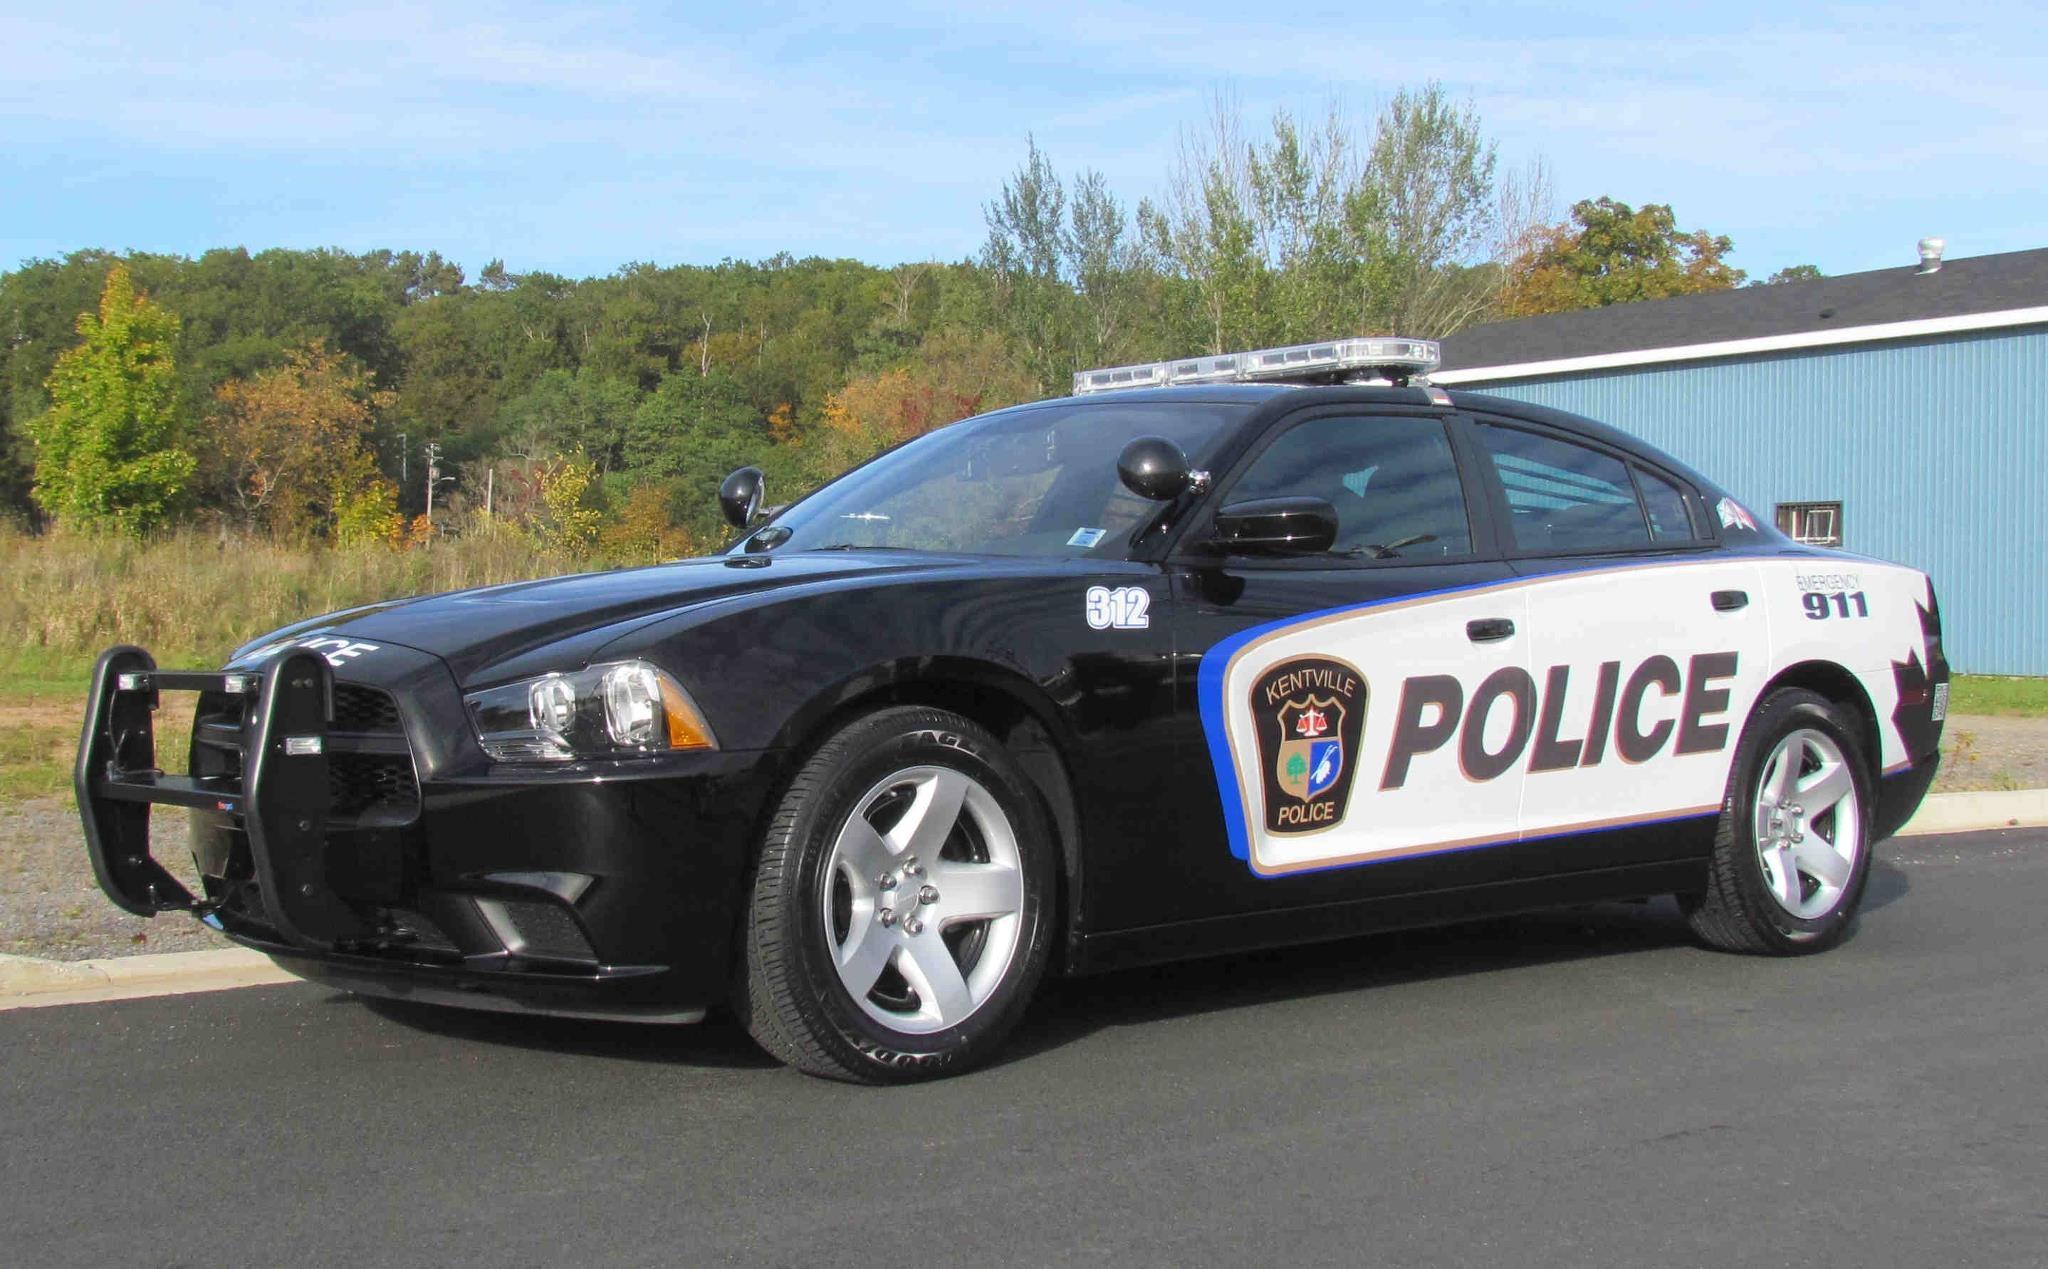 Kentville Police car